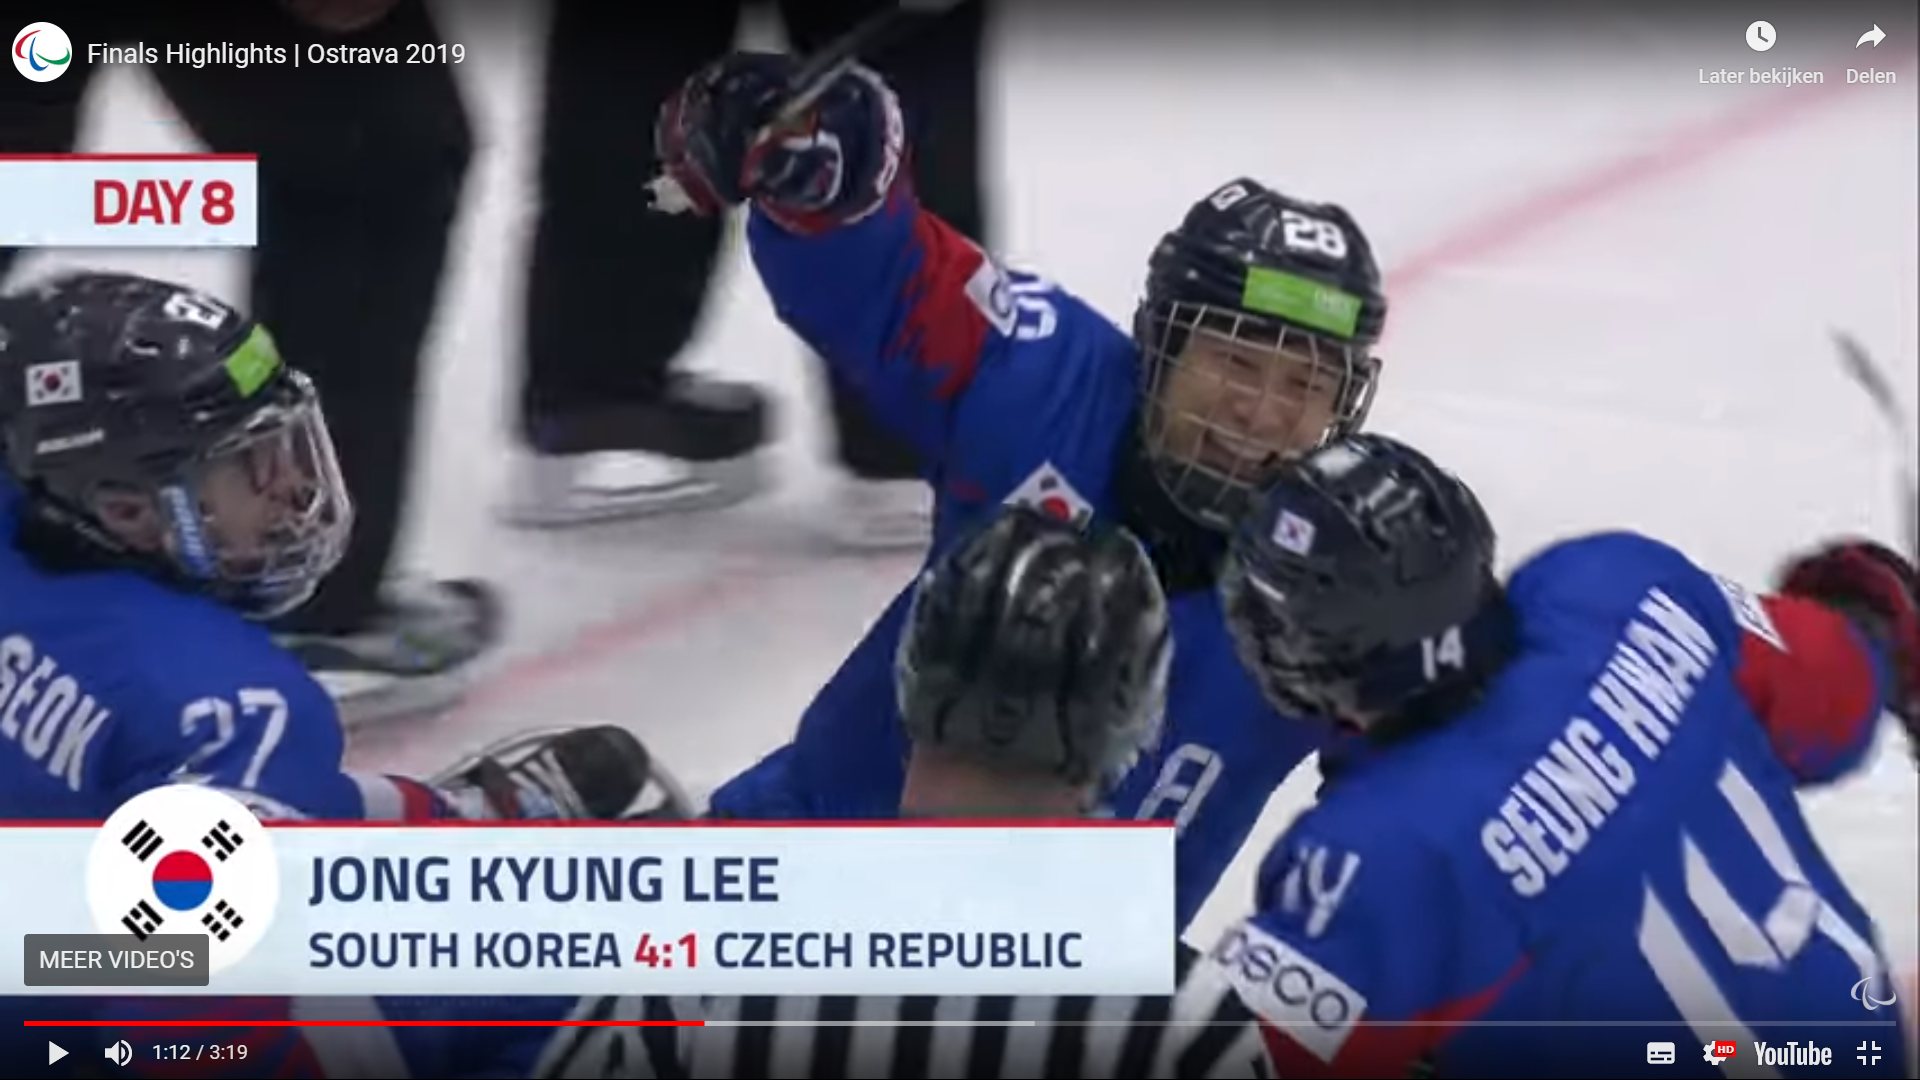 Wereldkampioenschap Sledge hockey 2019